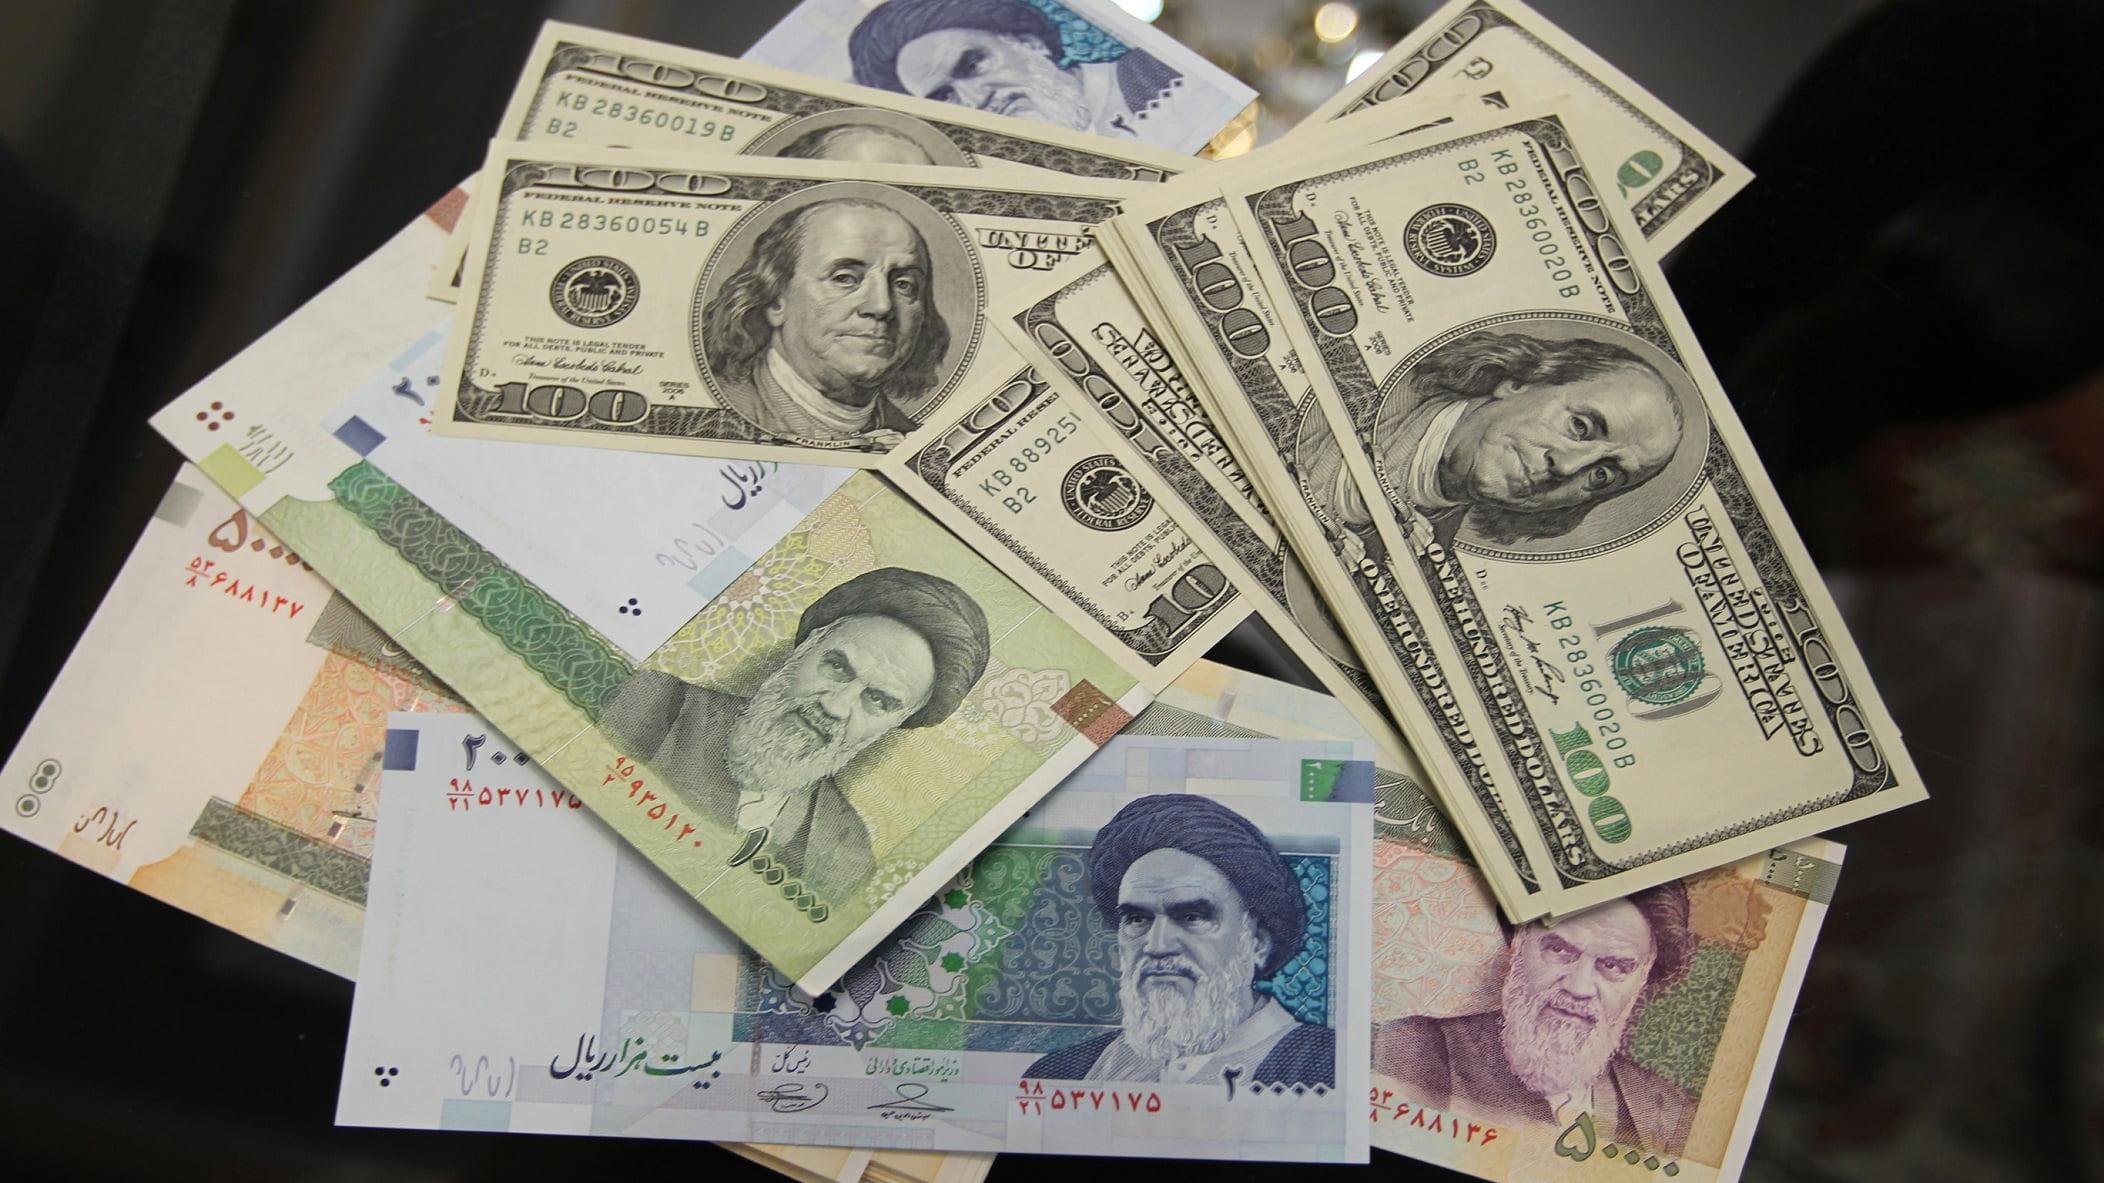 شباهت وضعیت اقتصادی ایران به کشورهای جنگزدهای چون آلمان پس از جنگ جهانی اول